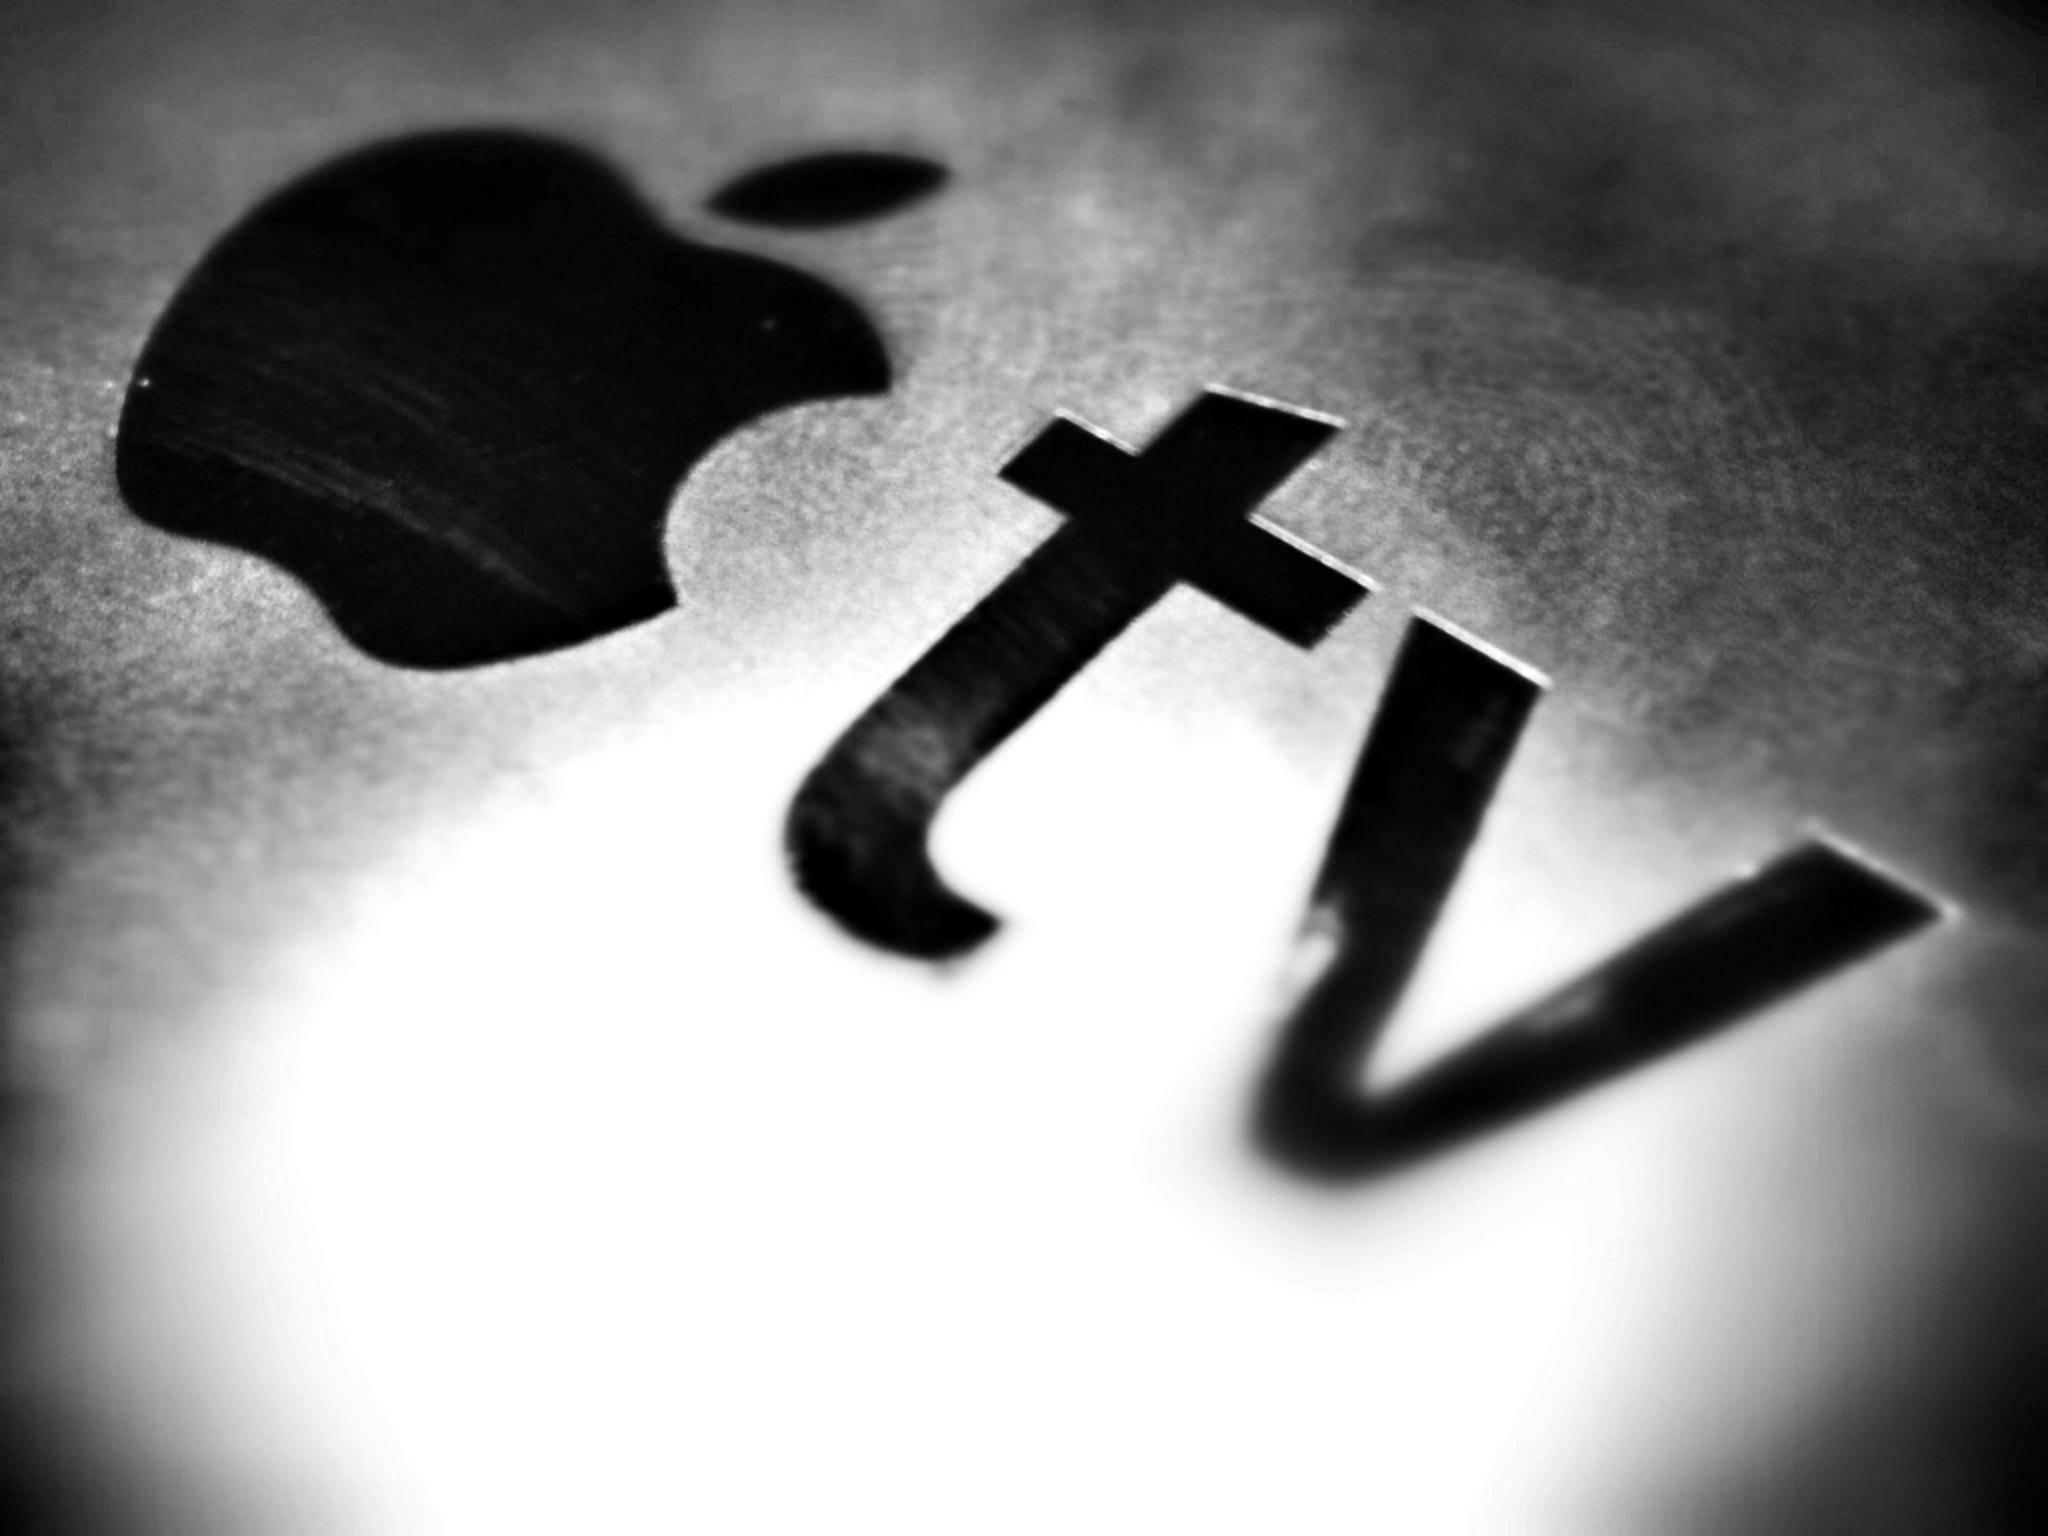 Der neue Apple TV wird wohl mit App Store und Touchpad-Remote kommen.